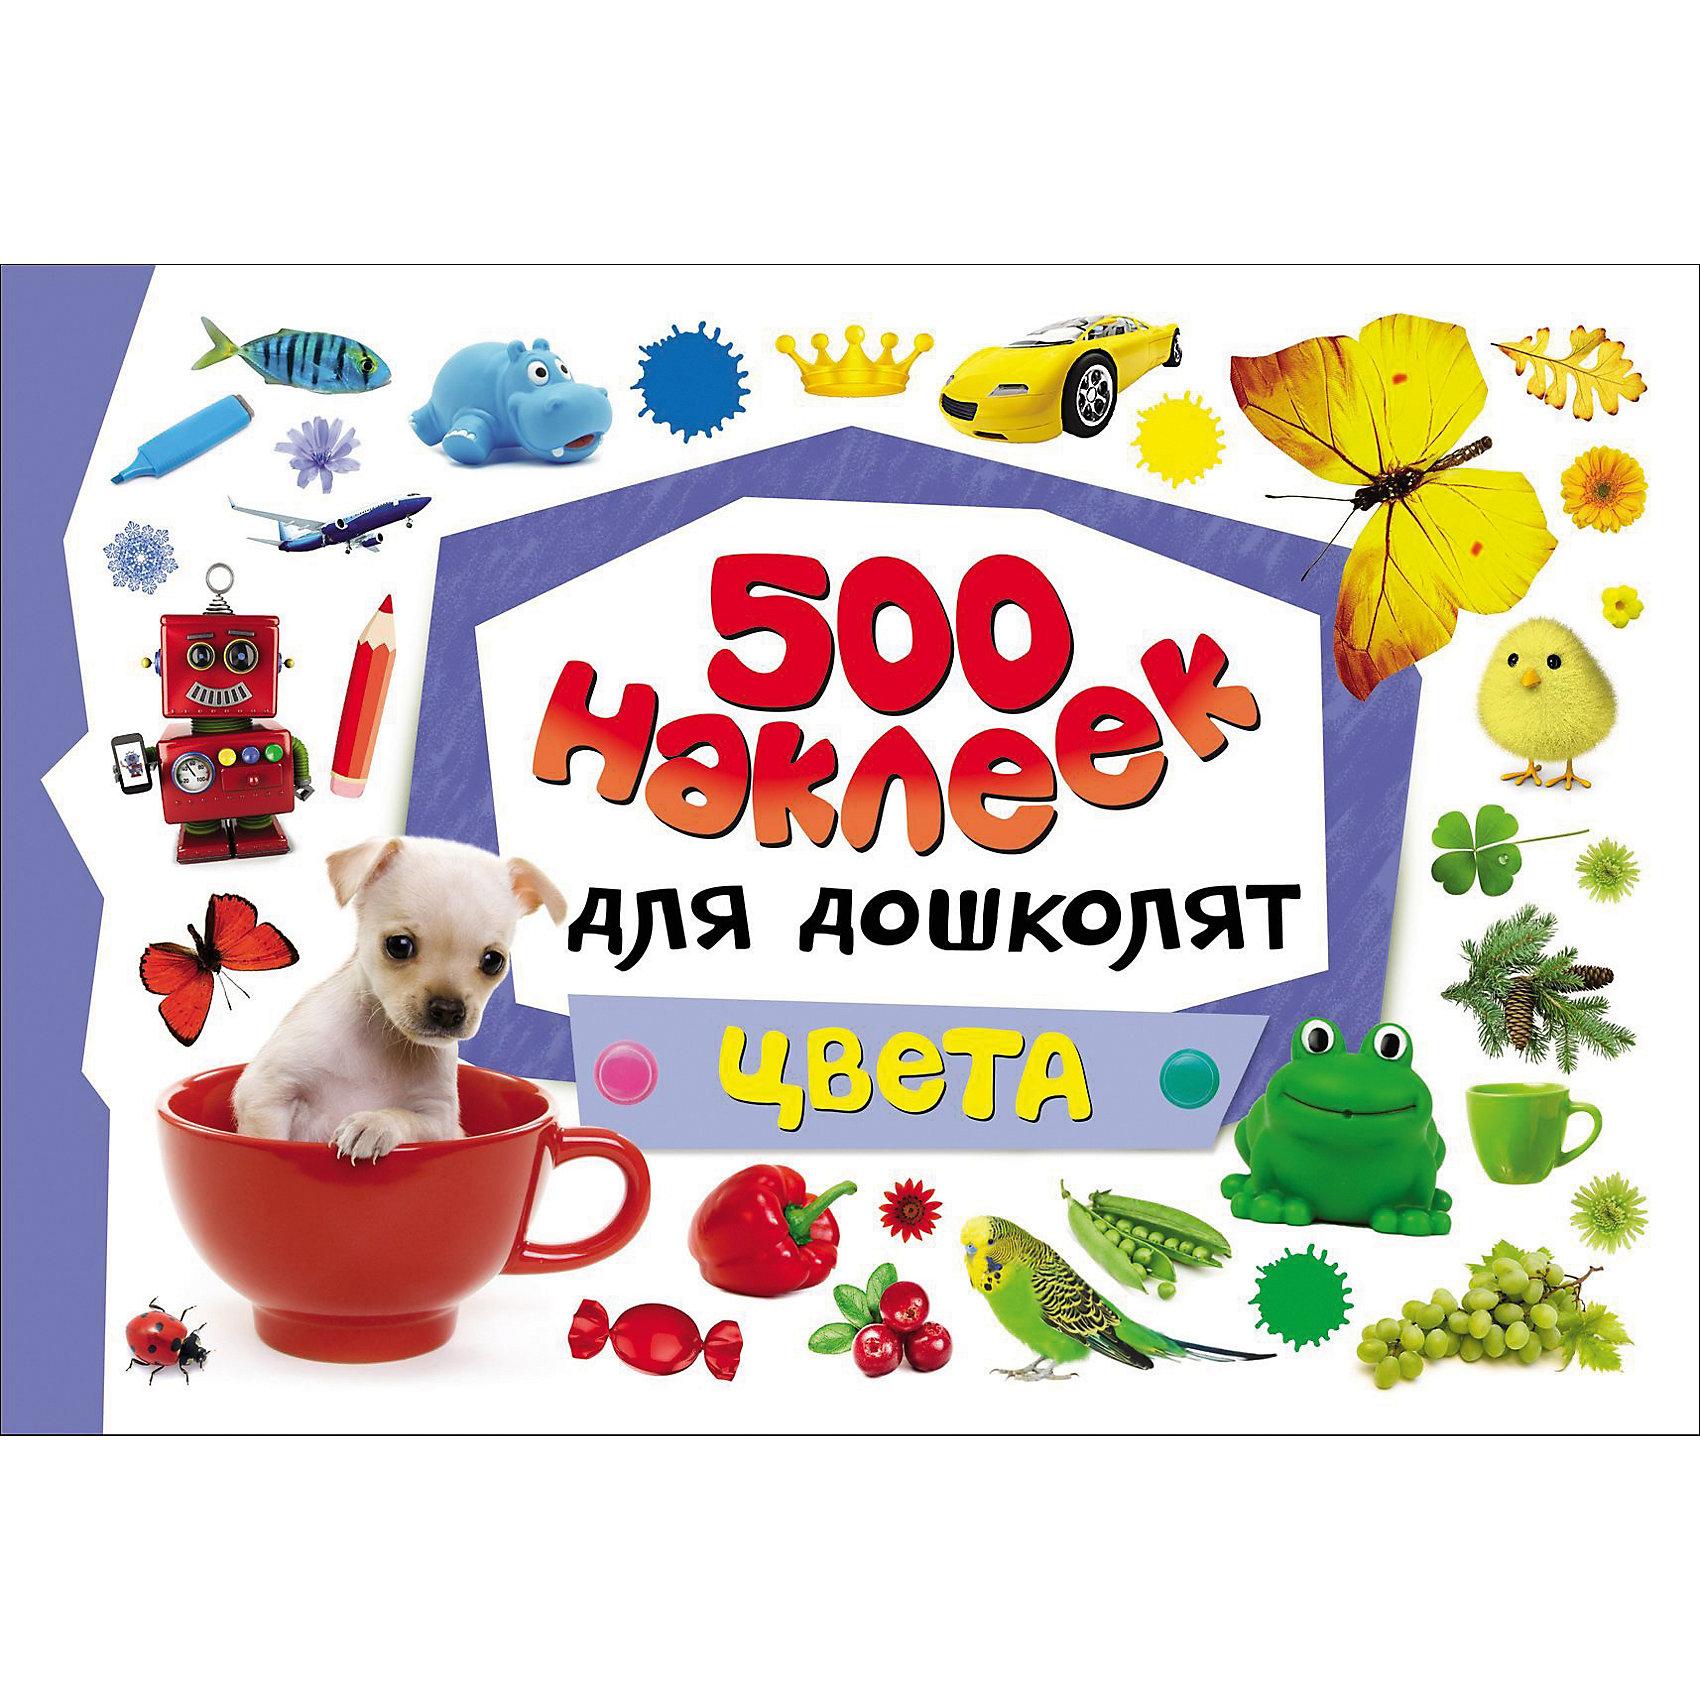 500 наклеек для дошколят ЦветаРосмэн<br>Характеристики товара:<br><br>- цвет: разноцветный;<br>- материал: бумага;<br>- страниц: 24;<br>- формат: 30 х 20 см;<br>- обложка: мягкая;<br>- развивающее издание.<br><br>Это интересное развивающее издание станет отличным подарком для ребенка. Оно содержит в себе задания, которые можно выполнить с помощью наклеек. С наклейками из этой серии ребенок легко познакомится с буквами, счетом, окружающим миром, у него будут сформированы первоначальные математические понятия. Всё представлено в очень простой форме! Наклейки можно клеить куда угодно. Простые интересные задачки помогут привить любовь к учебе!Это интересное развивающее издание станет отличным подарком для ребенка. Оно содержит в себе задания, которые можно выполнить с помощью наклеек. С наклейками из этой серии ребенок легко познакомится с буквами, счетом, окружающим миром, у него будут сформированы первоначальные математические понятия. Всё представлено в очень простой форме! Наклейки можно клеить куда угодно. Простые интересные задачки помогут привить любовь к учебе!<br>Выполнение таких заданий помогает ребенку развивать зрительную память, концентрацию внимания и воображение. Издание произведено из качественных материалов, которые безопасны даже для самых маленьких.<br><br>500 наклеек для дошколят Цвета от компании Росмэн можно купить в нашем интернет-магазине.<br><br>Ширина мм: 300<br>Глубина мм: 200<br>Высота мм: 4<br>Вес г: 138<br>Возраст от месяцев: 60<br>Возраст до месяцев: 84<br>Пол: Унисекс<br>Возраст: Детский<br>SKU: 5110172